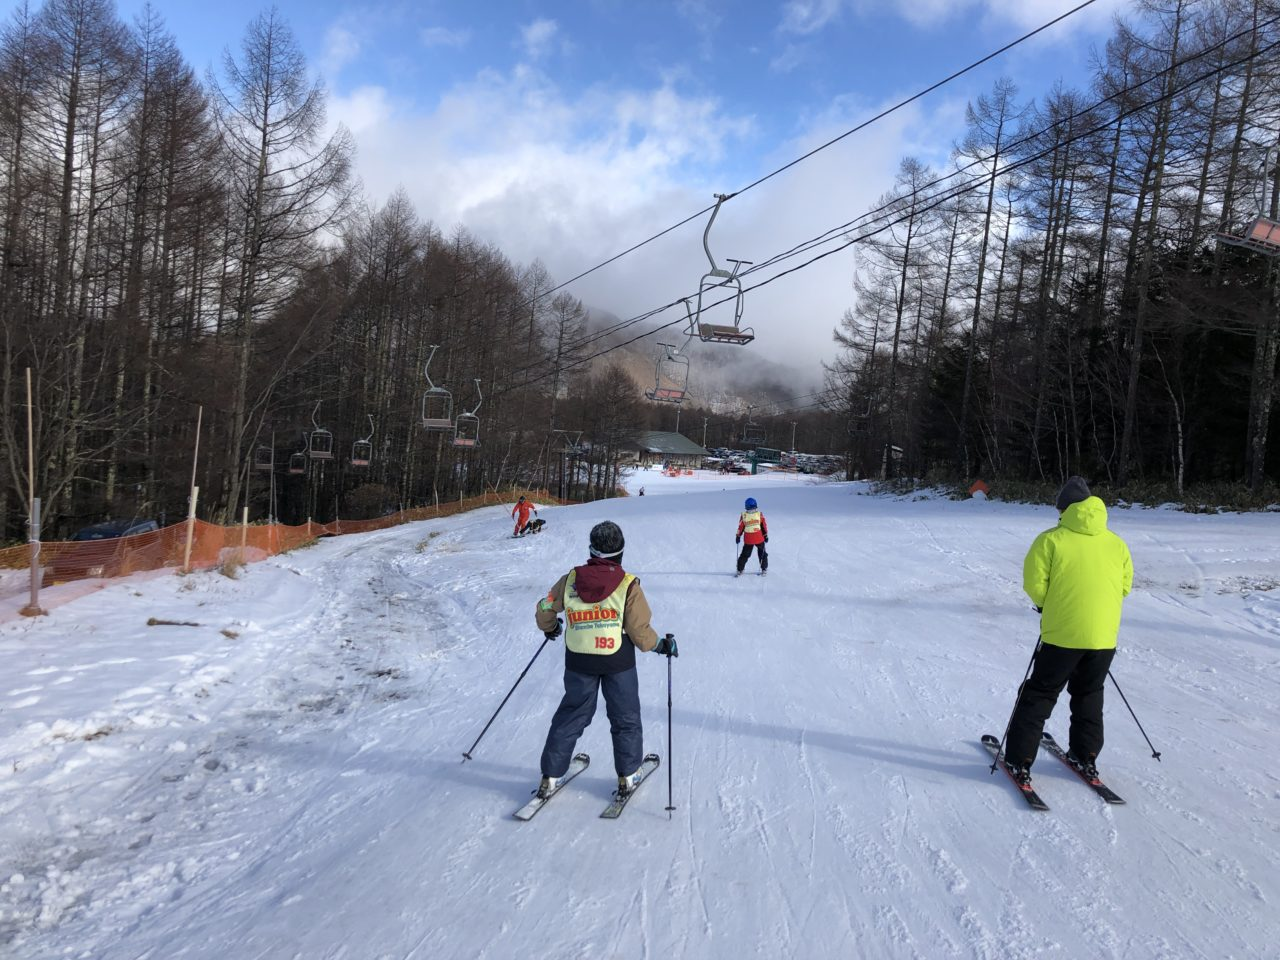 ブランシュたかやま スキースクール